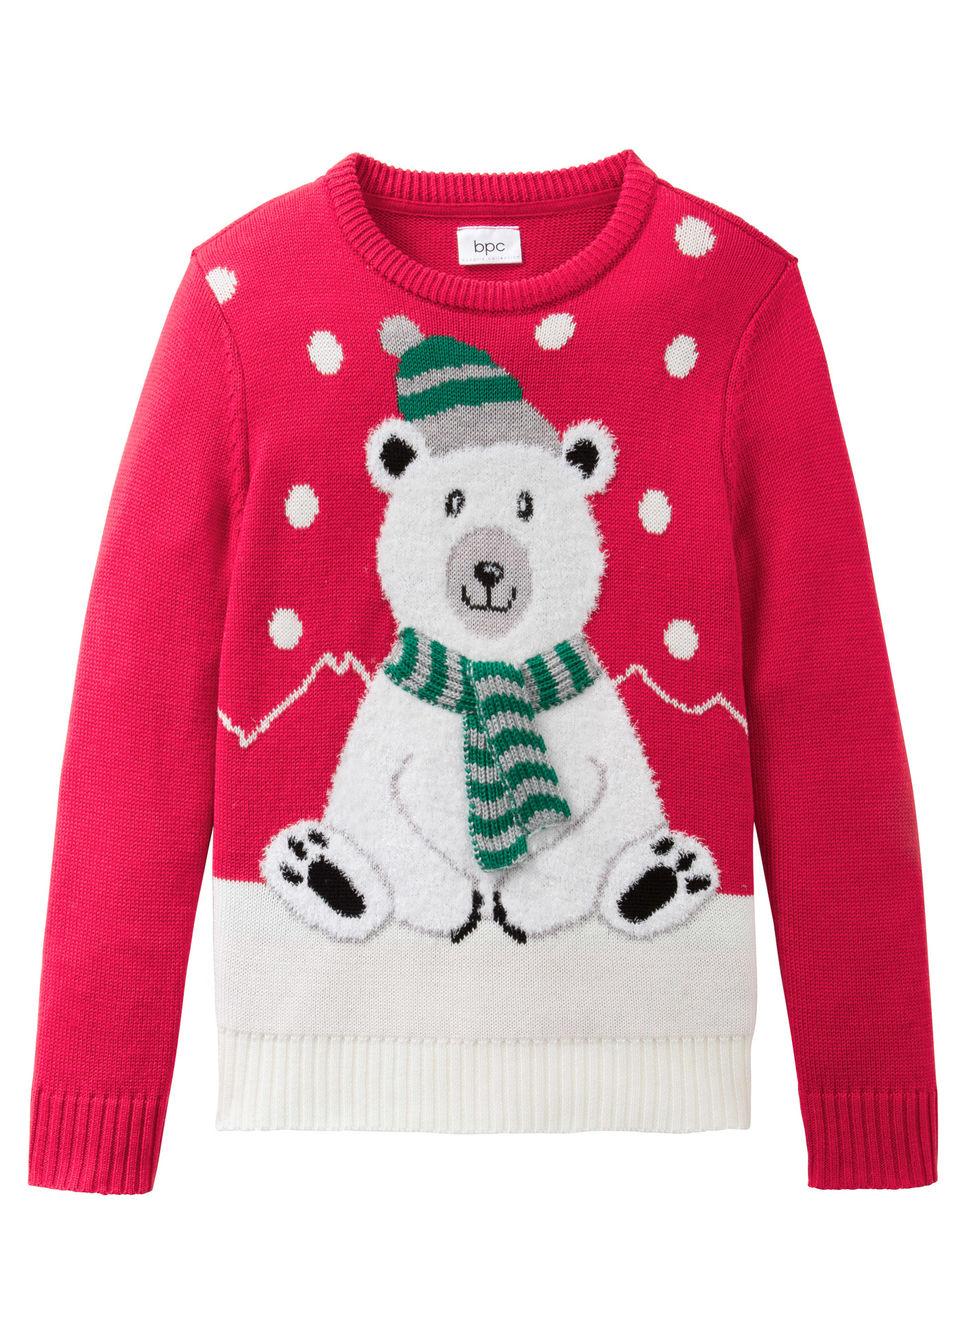 Kötött pulóver téli motívummal lányoknak